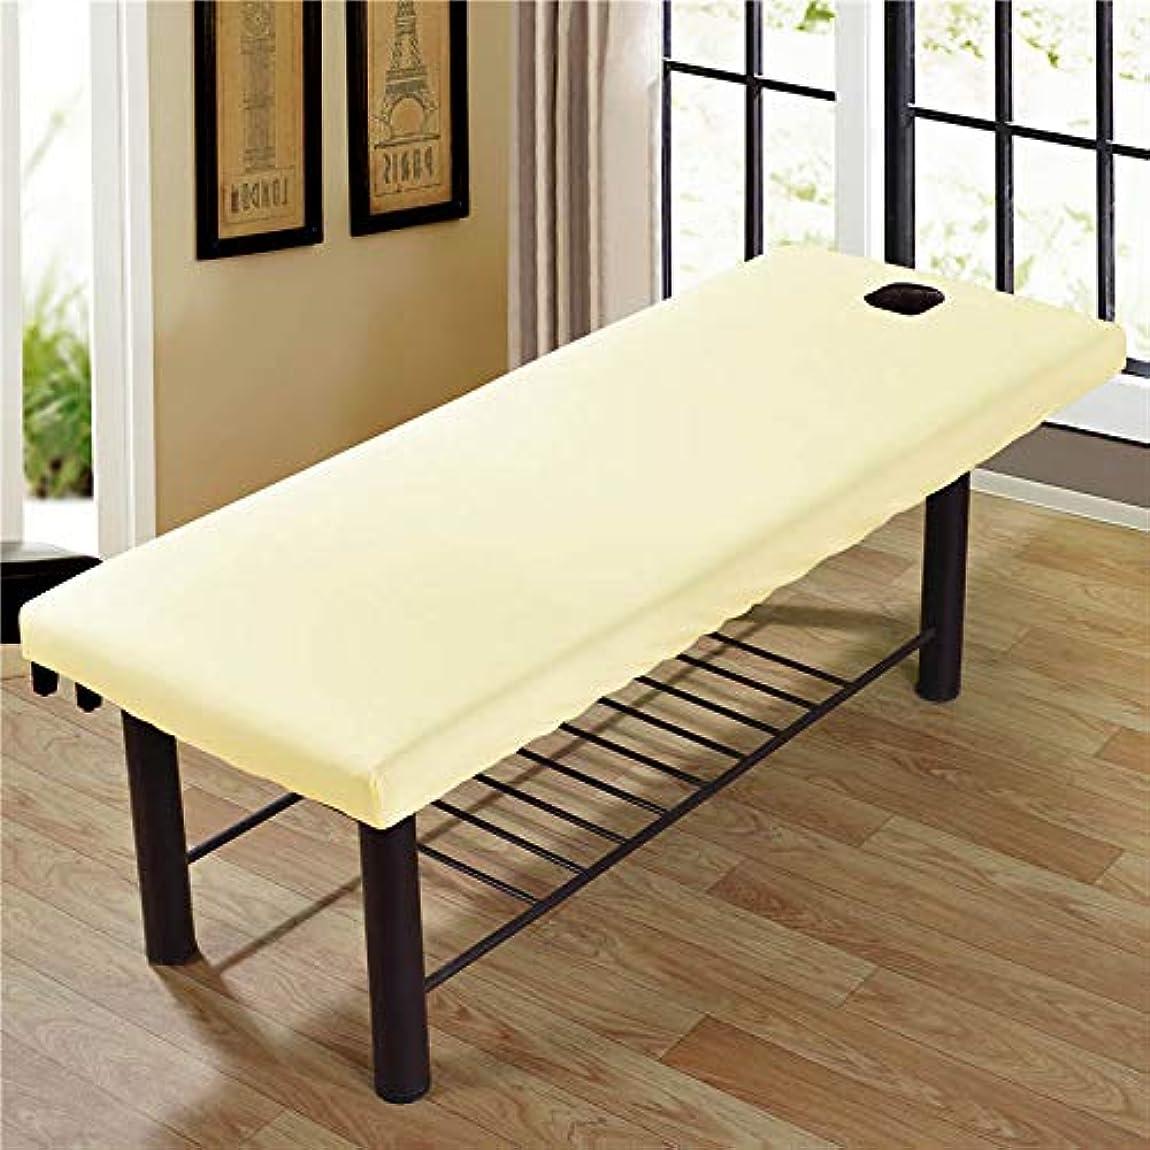 不利空白レコーダーCoolTack  美容院のマッサージ療法のベッドのための柔らかいSoliod色の長方形のマットレス